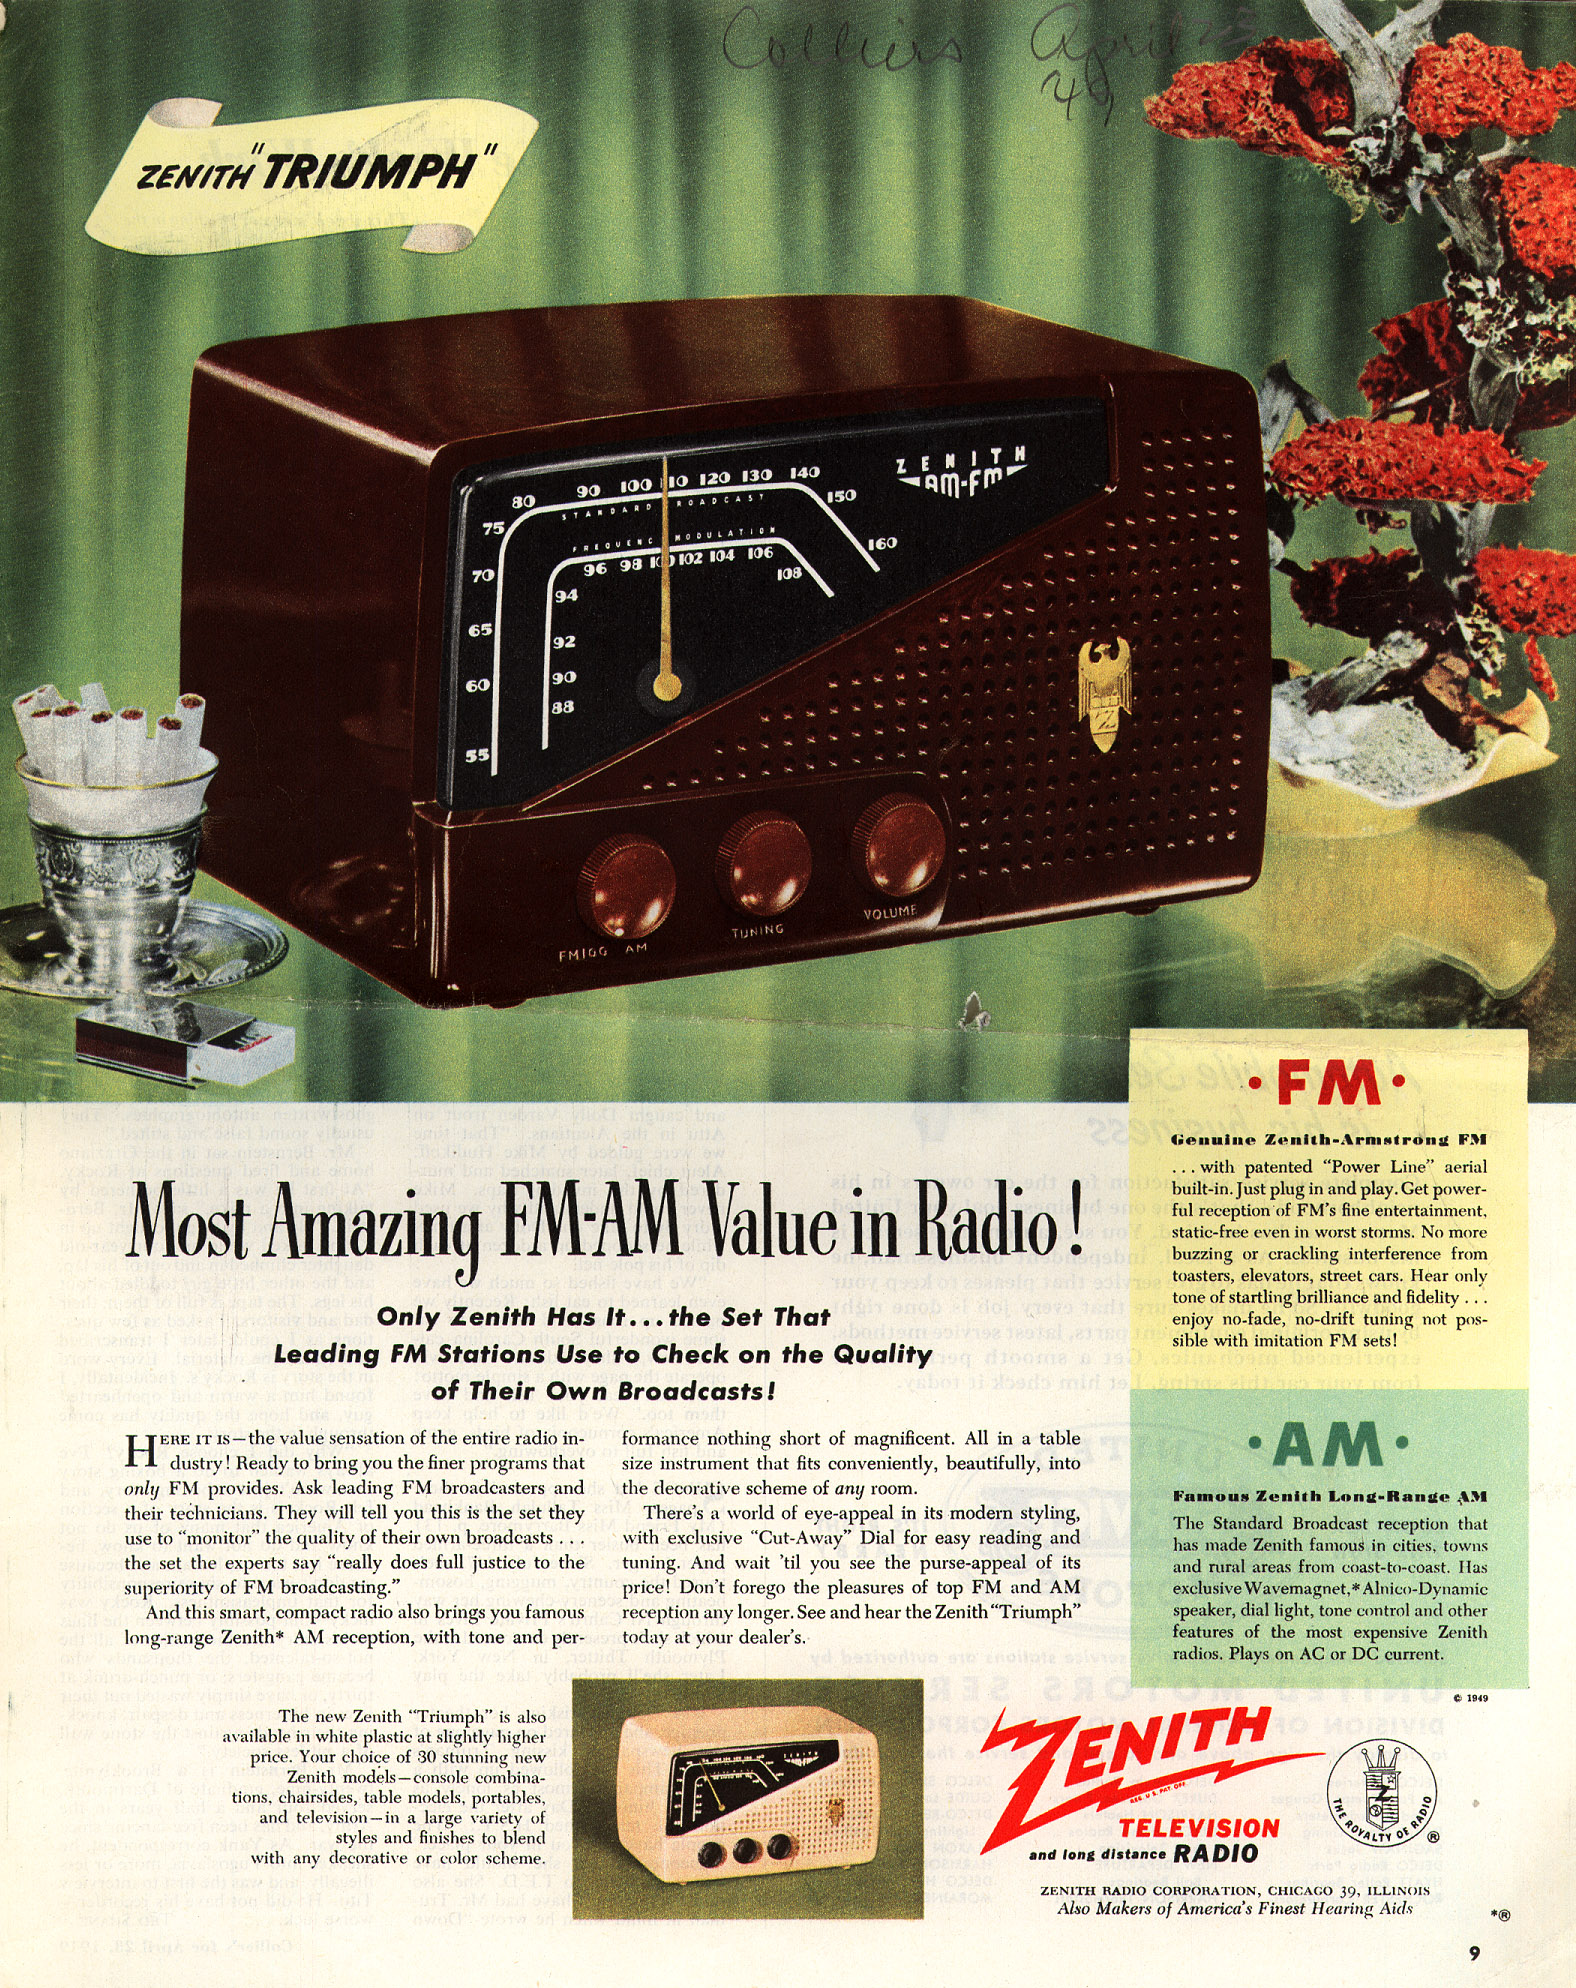 Most_Amazing_FM-AM_Value_in_Radio